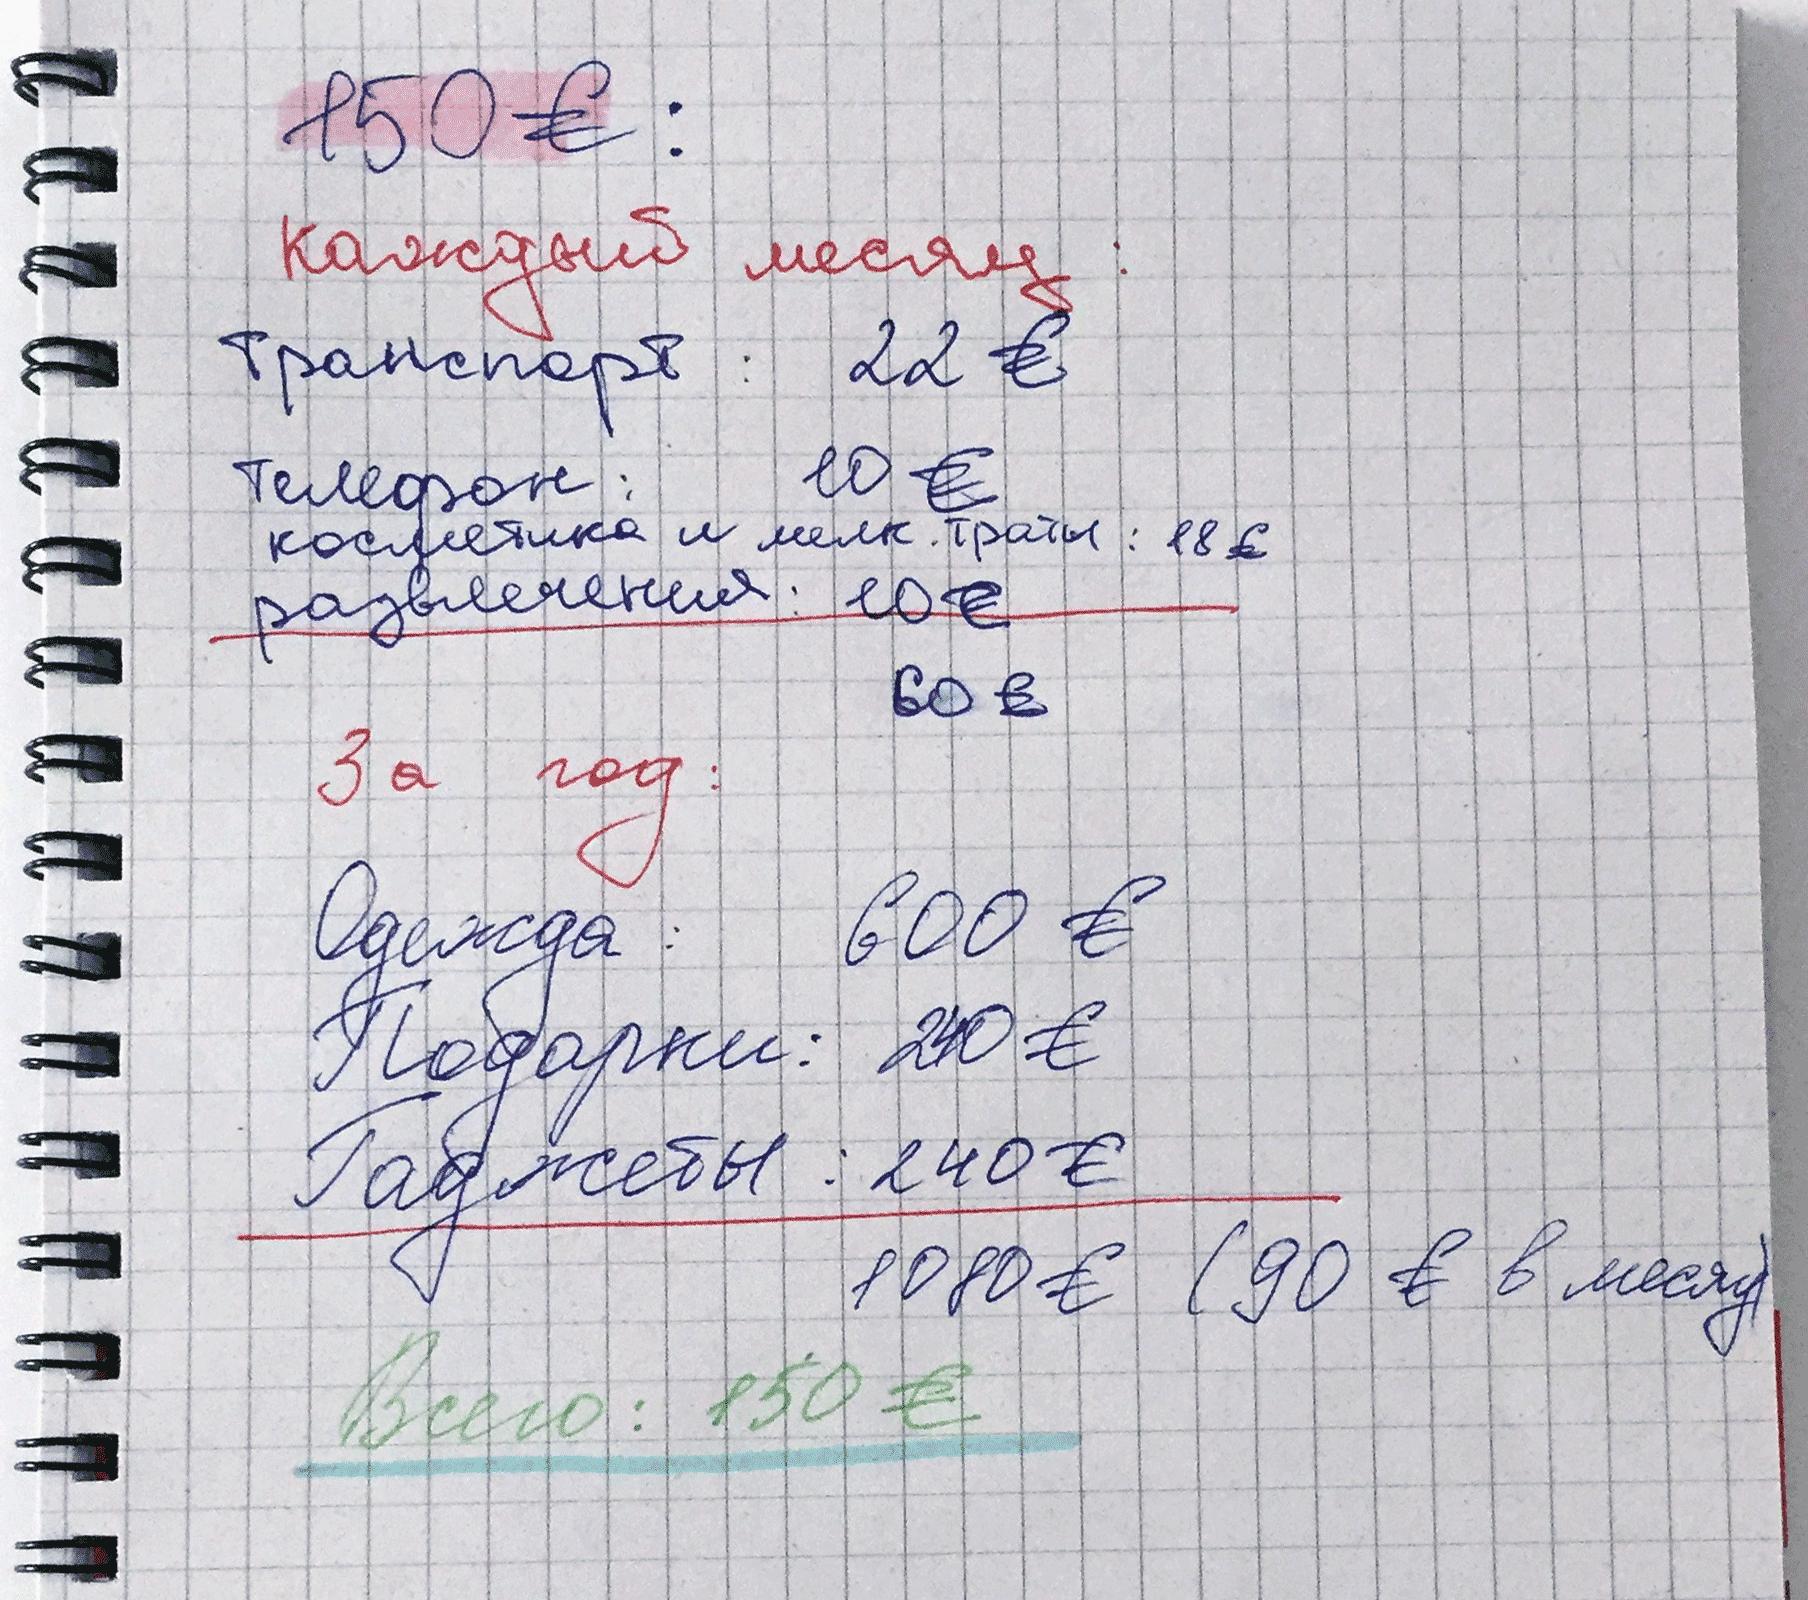 Ирина зафиксировала решения в блокноте, чтобы потом было проще вспоминать и анализировать